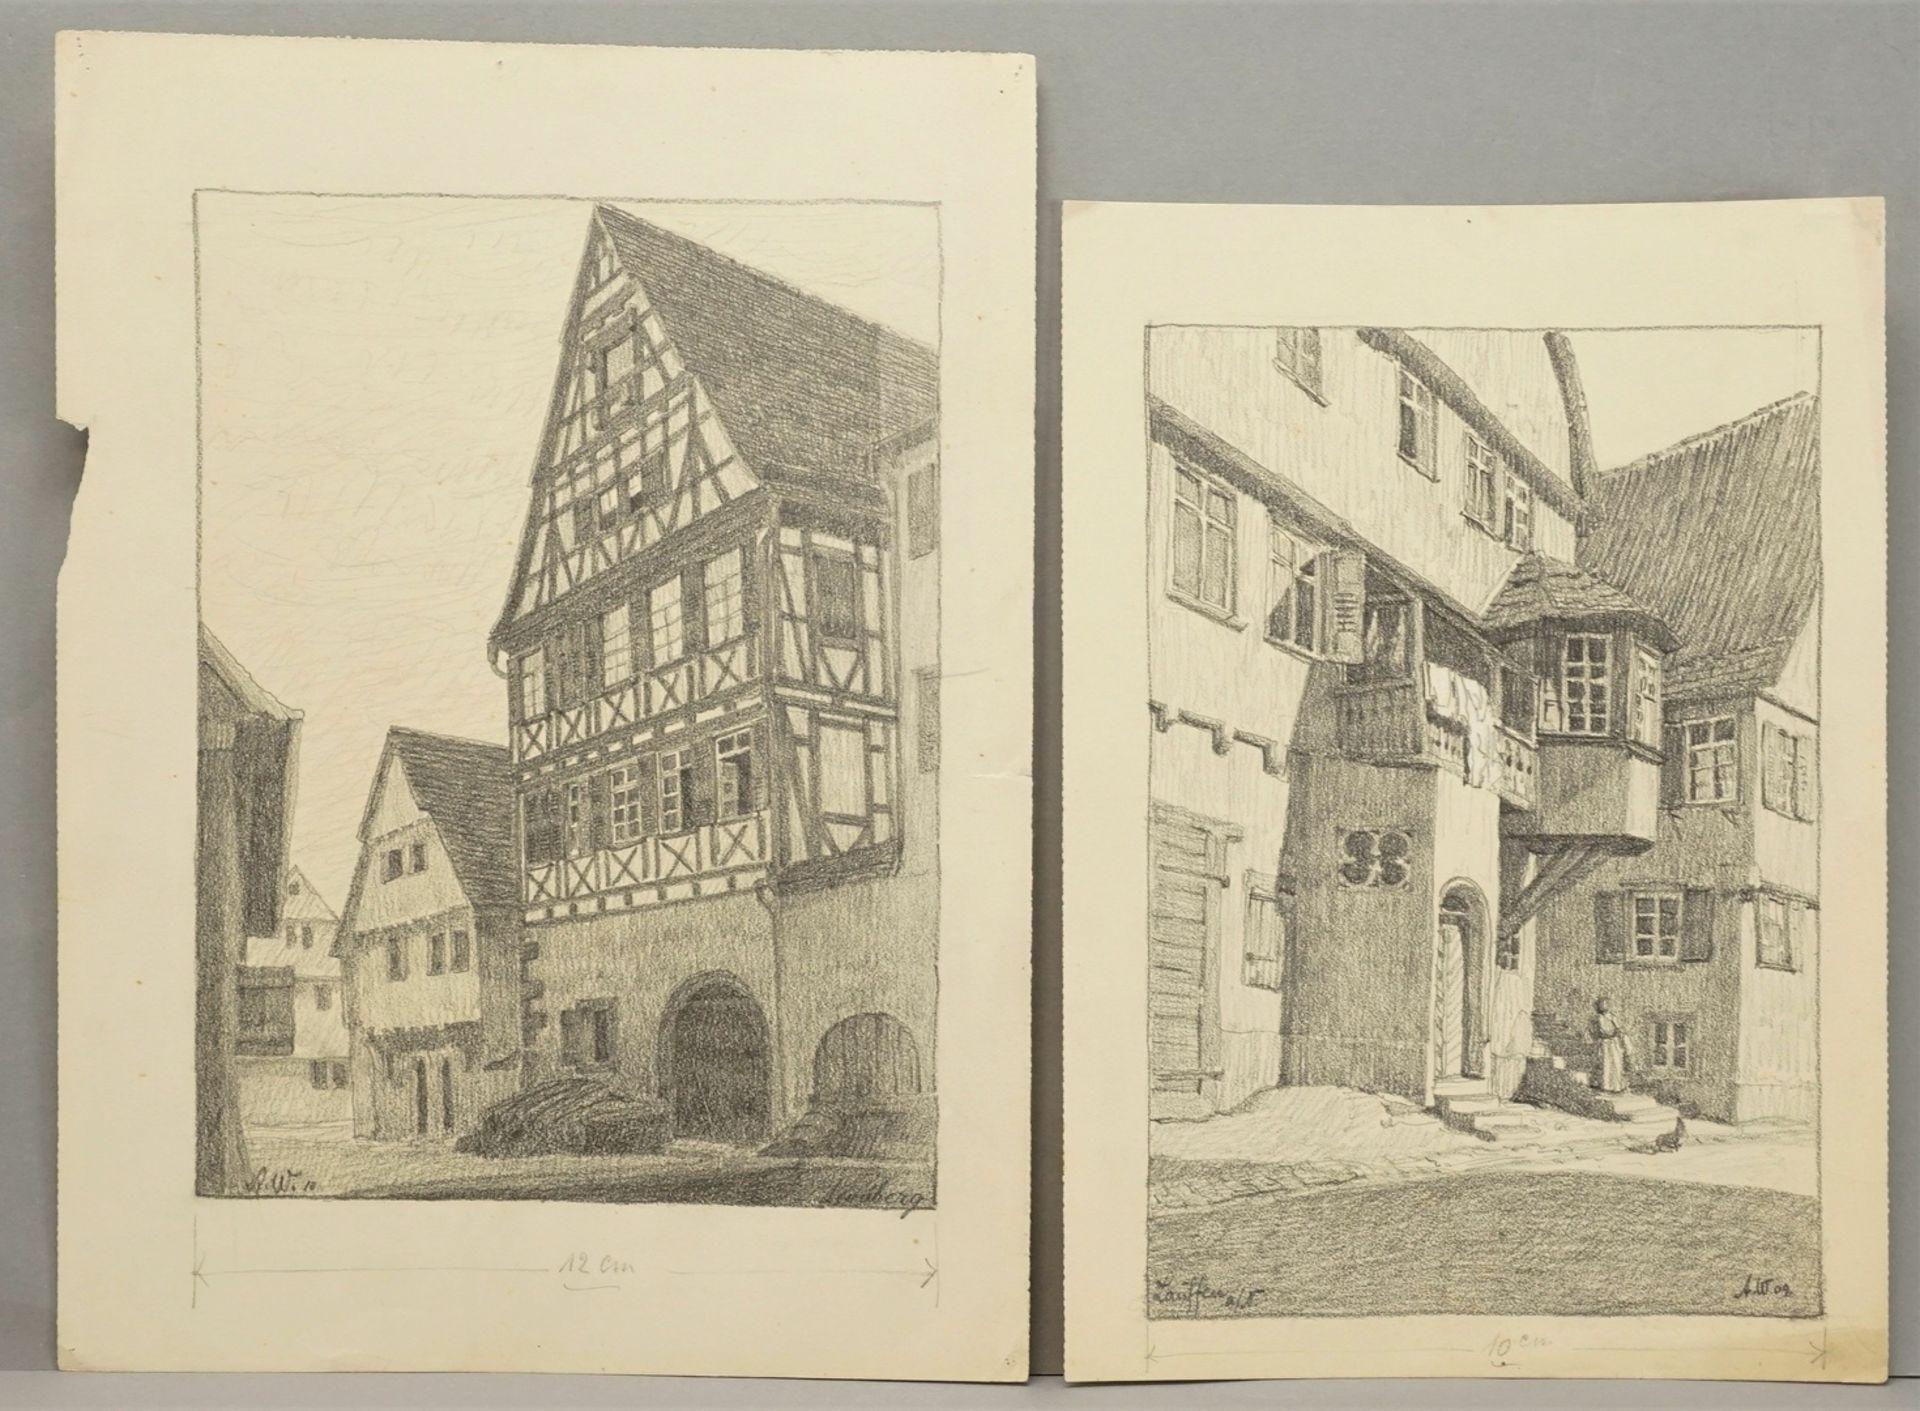 Sechs Handzeichnungen zu fränkischen Orten - Bild 4 aus 4